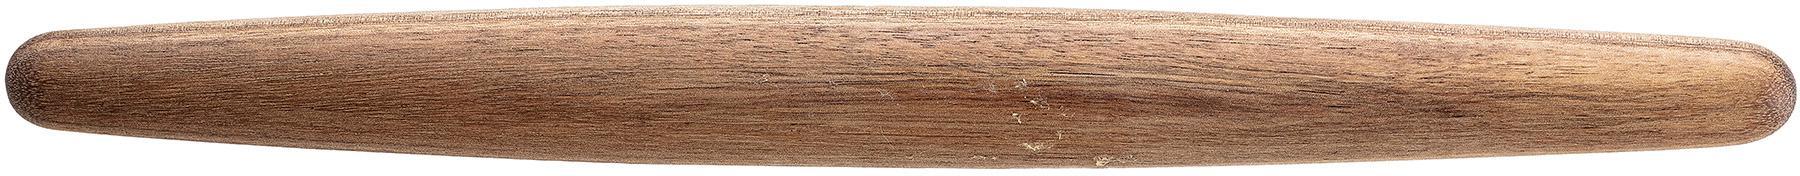 Nudelholz Alicja aus Akazienholz, Akazienholz, Akazienholz, L 33 cm